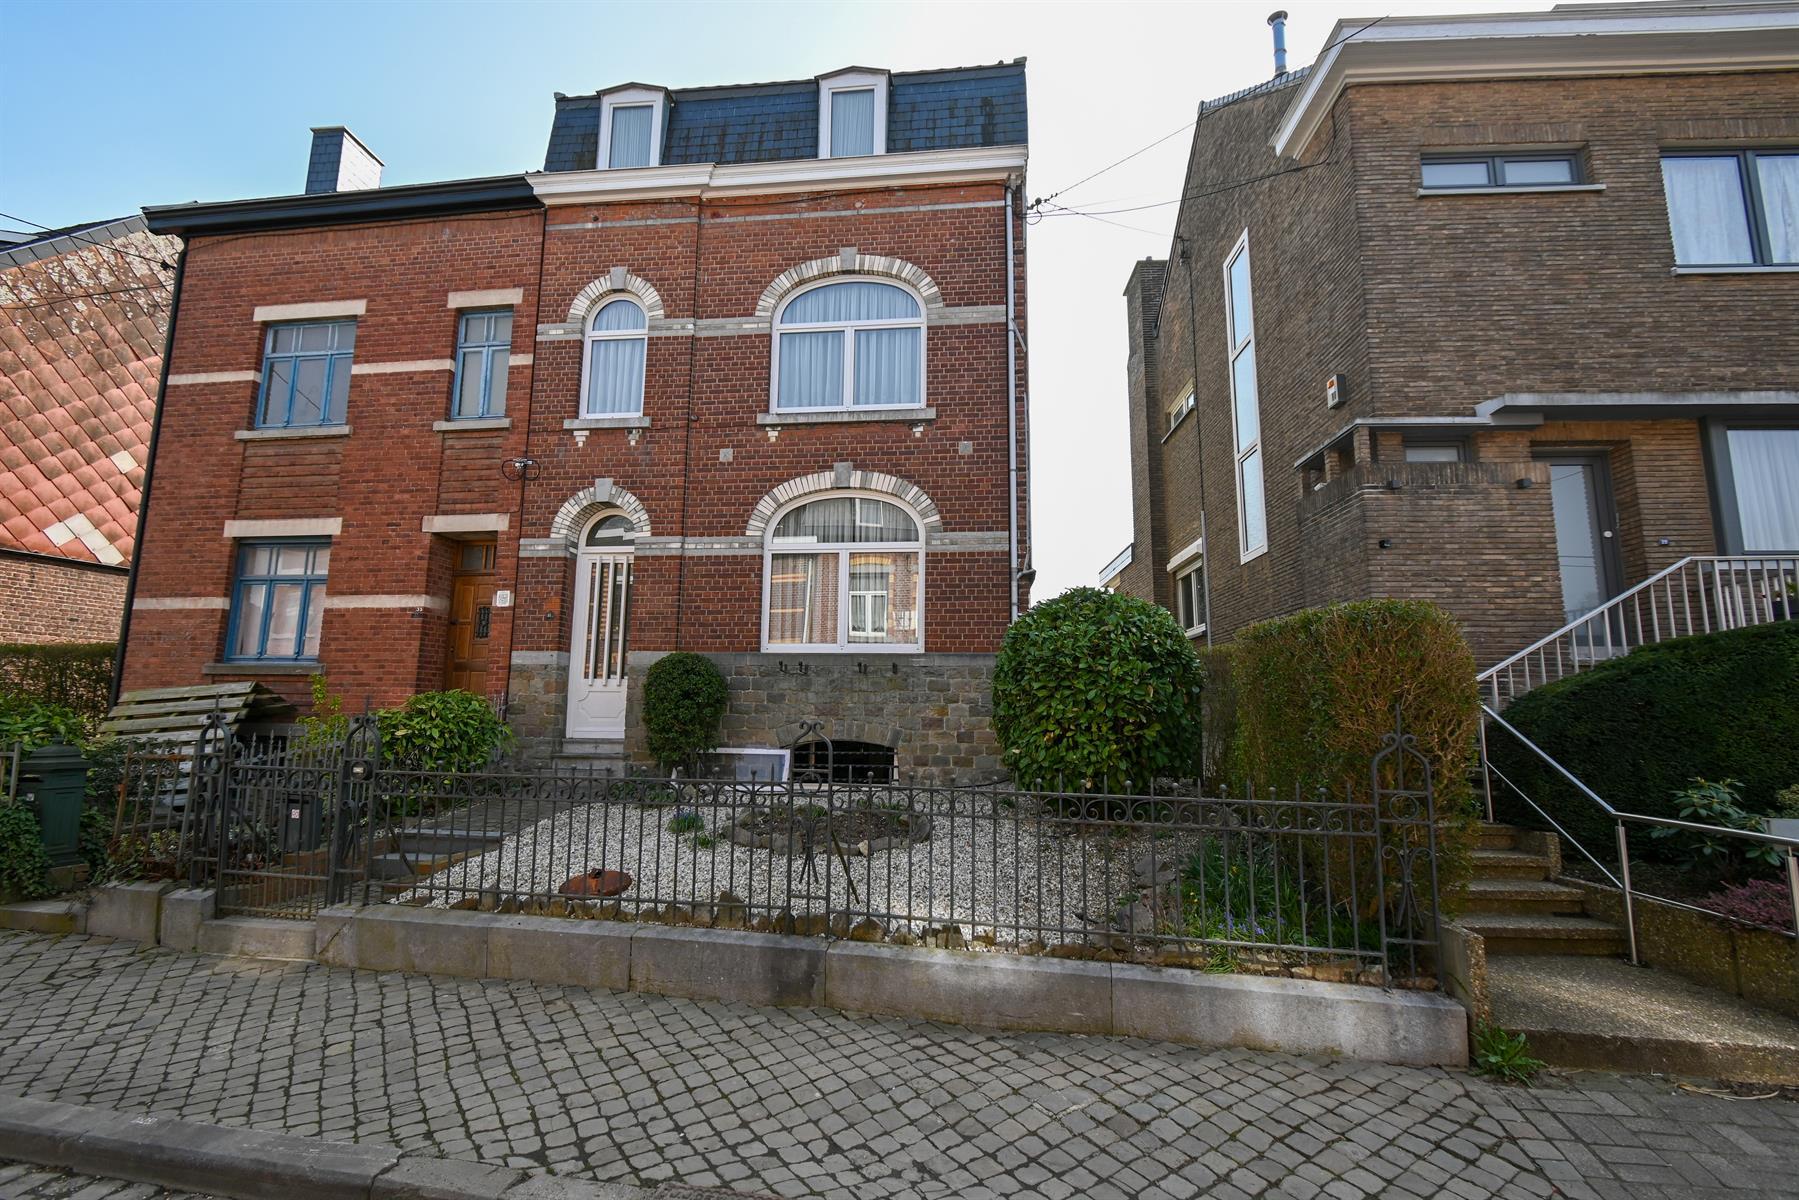 Maison - Verviers - #4344446-24